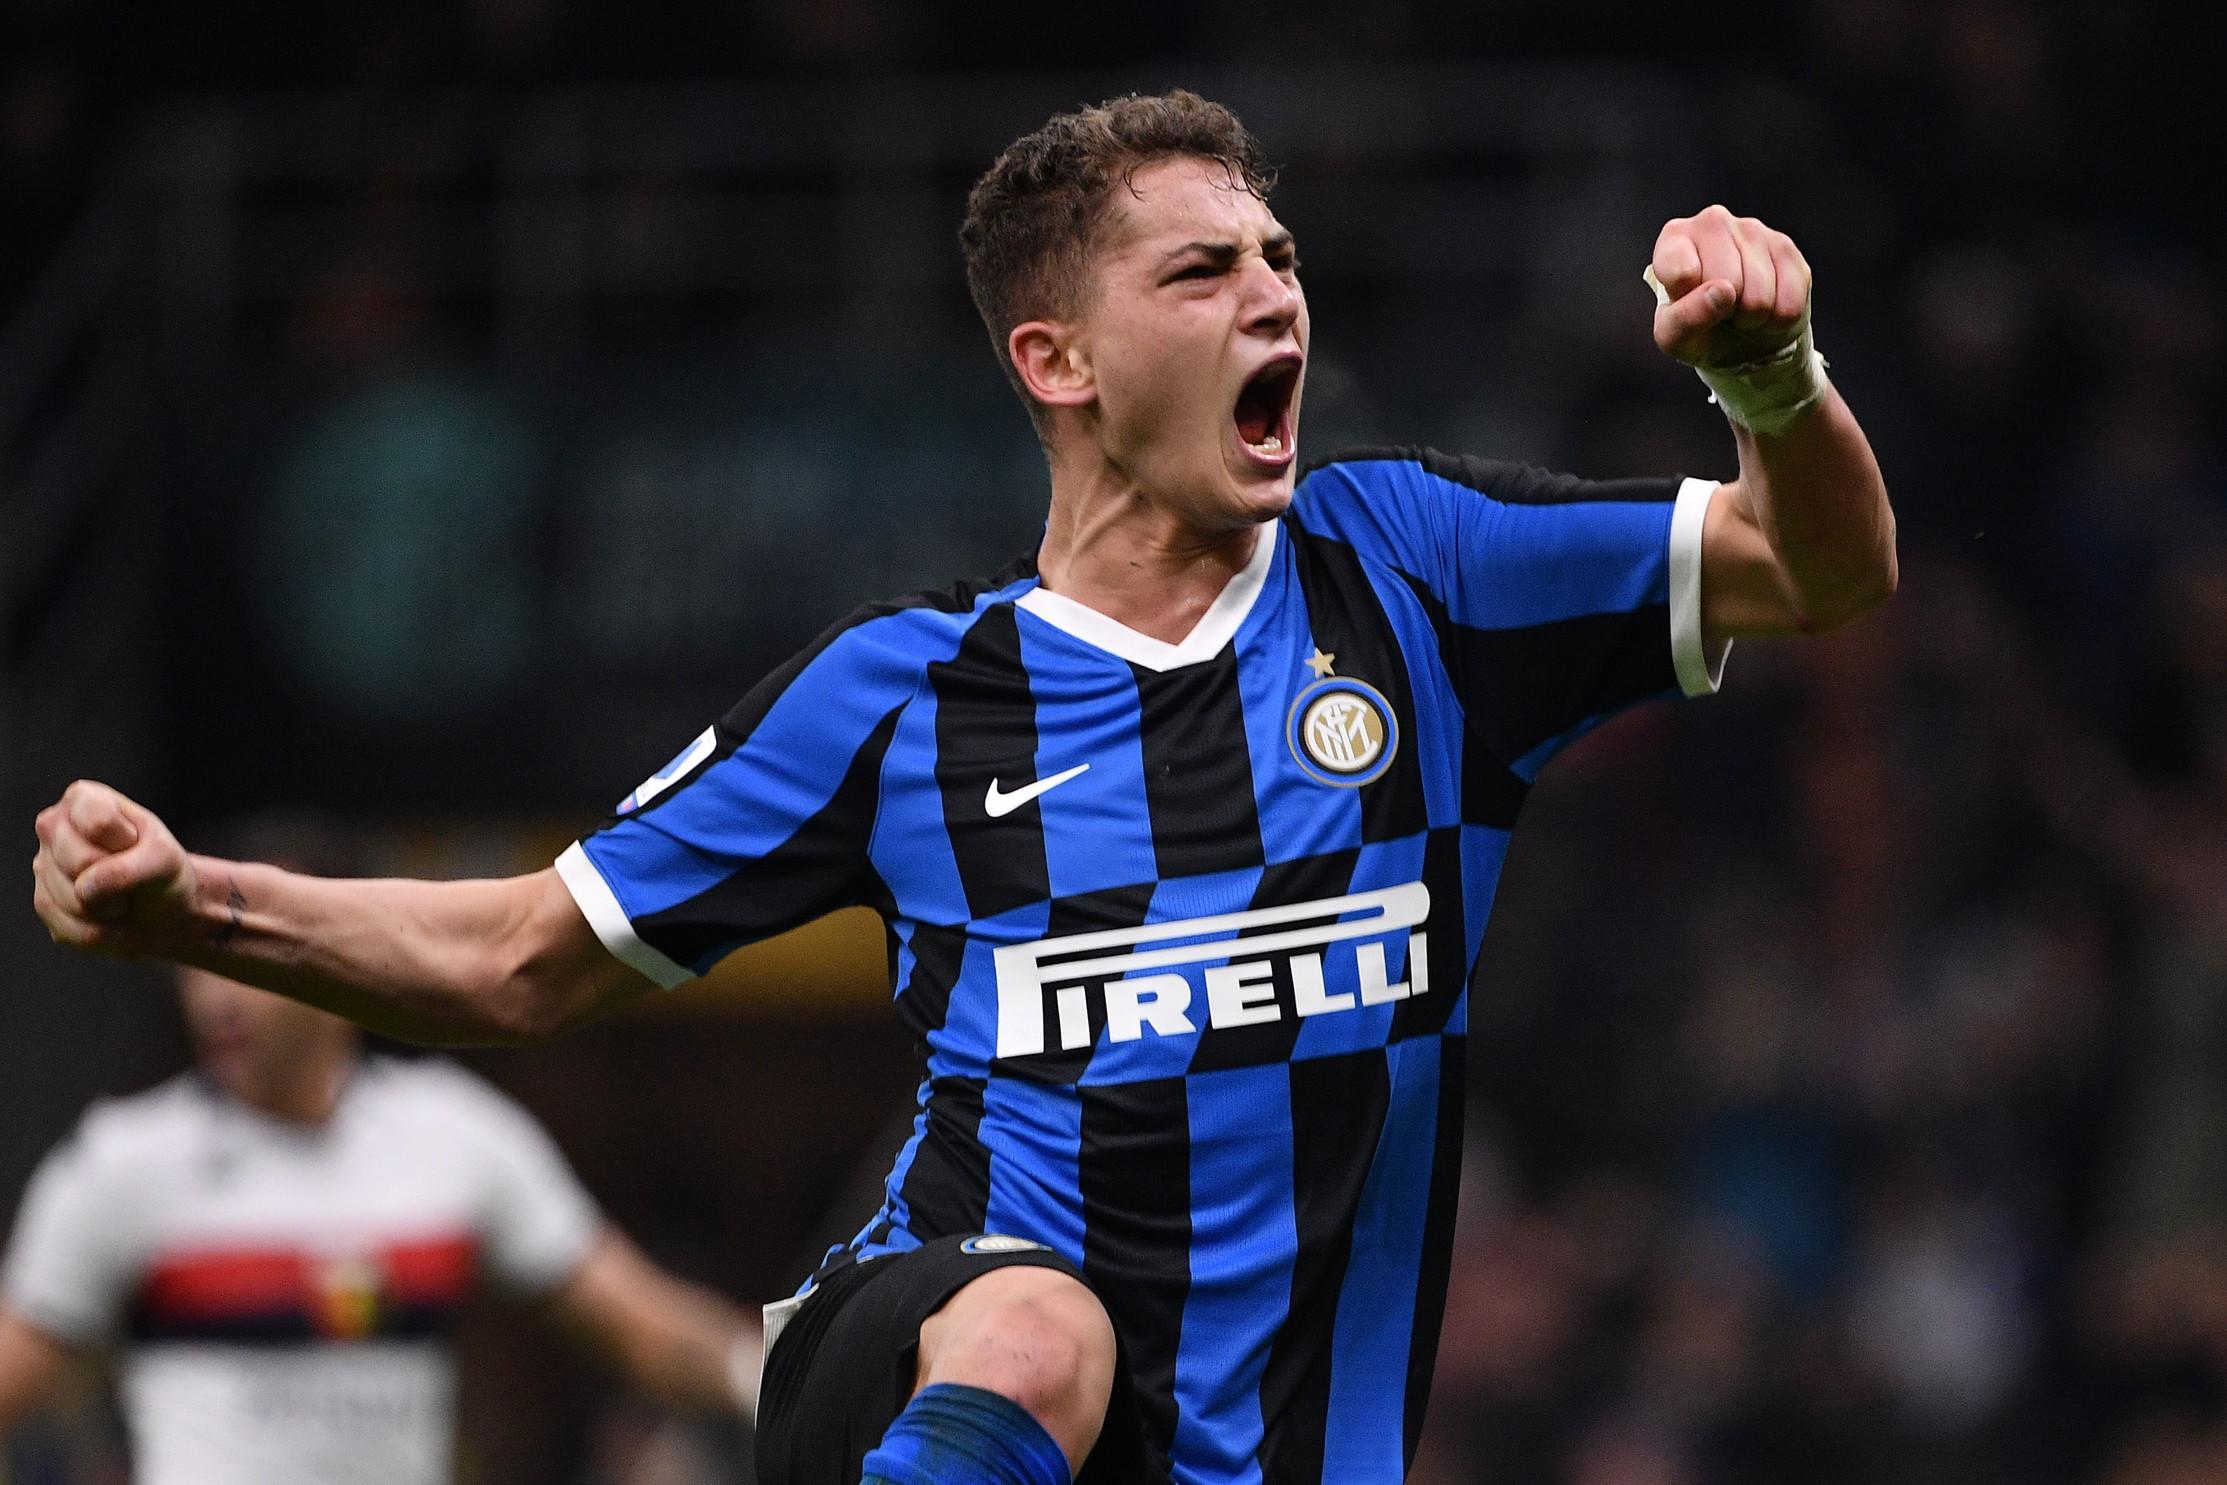 L'Inter chiude il 2019 con un 4-0 che permette ai nerazzurri di tenere il passo della Juventus, agganciata in testa a quota 42 punti. A San Siro la squadra di Conte sblocca la sfida al 31' con Lukaku e raddoppia al 33' grazie a Gagliardini. Nella ripresa arrivano le altre due reti firmate dal baby Esposito (su rigore al 64') e ancora da Lukaku (71'). Il Grifone resta terzultimo con 11 punti: Thiago Motta a un passo dall'esonero.